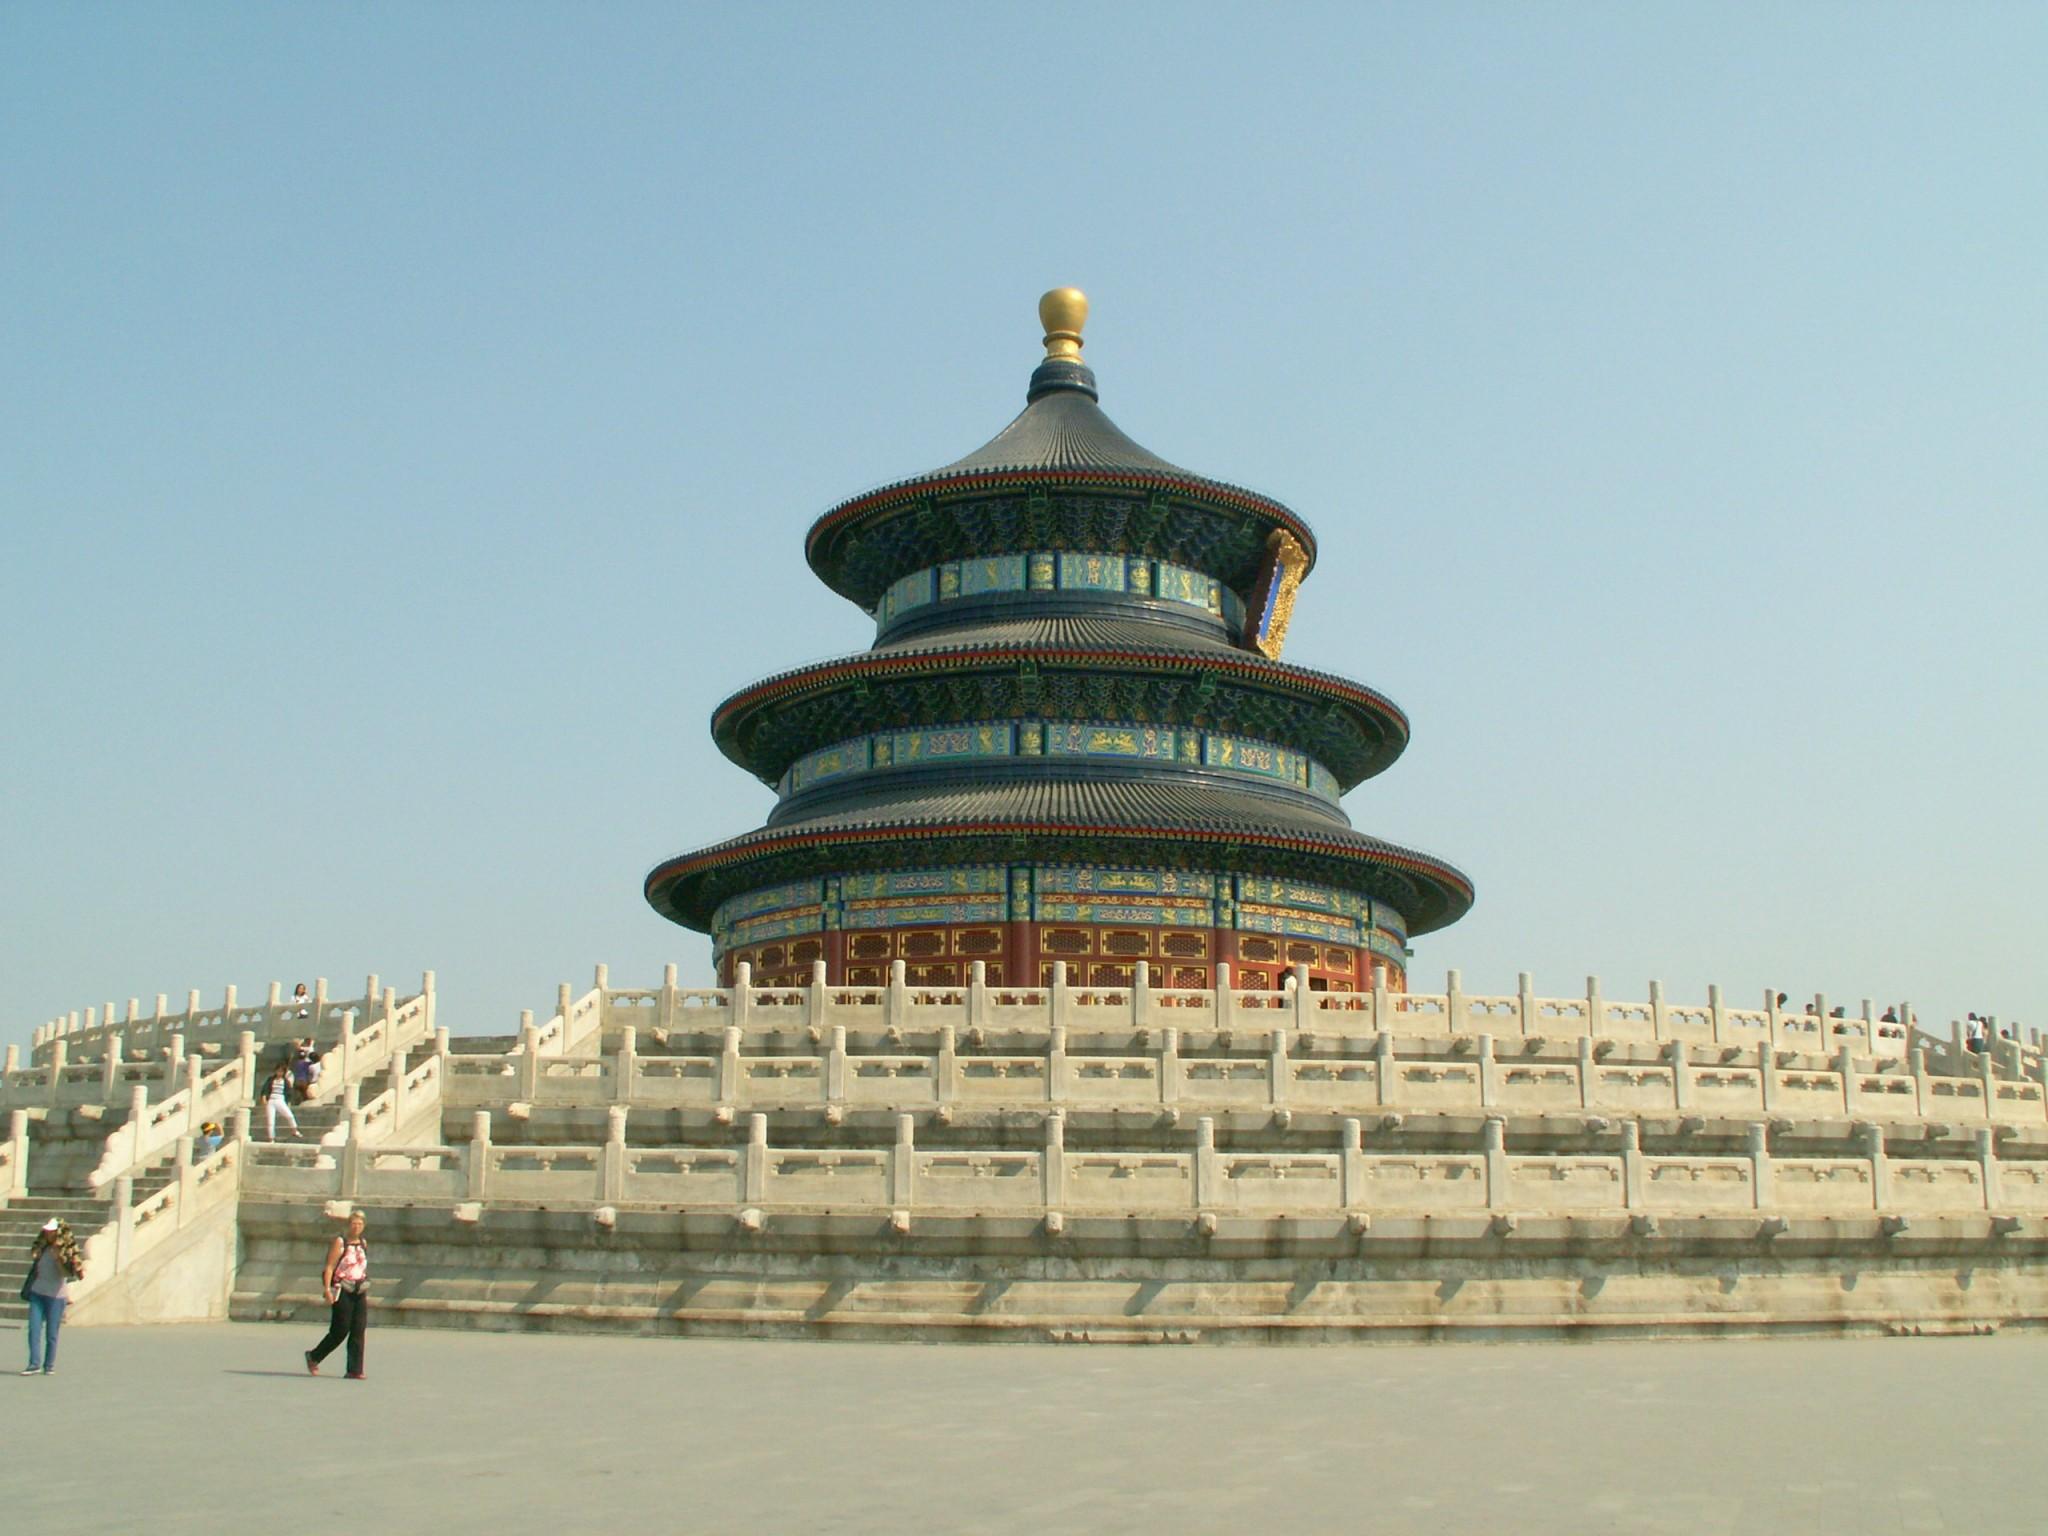 Peking_taivaan_temppeli peking nähtävyydet